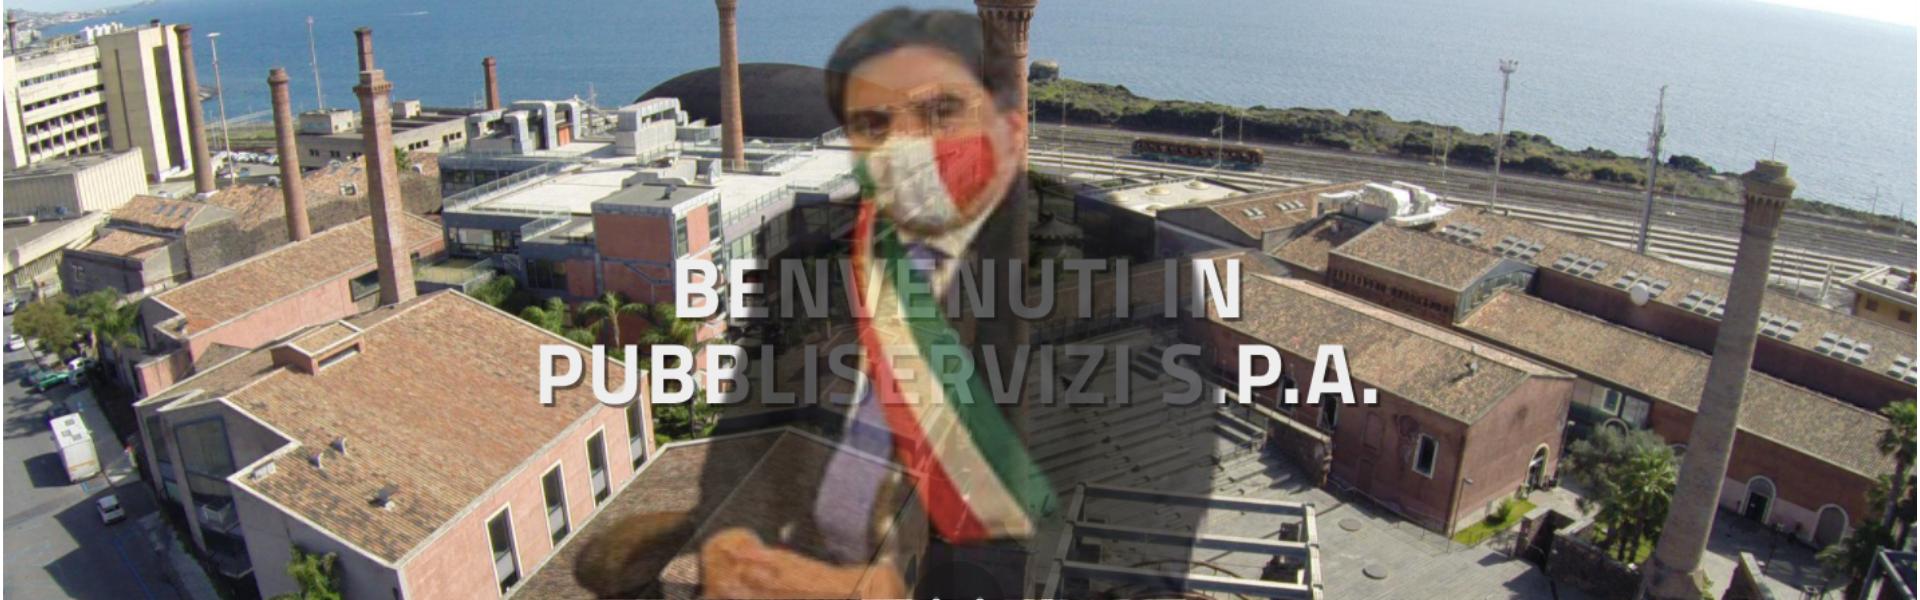 pubbliservizi-sindaco-pogliese-1620423204.png